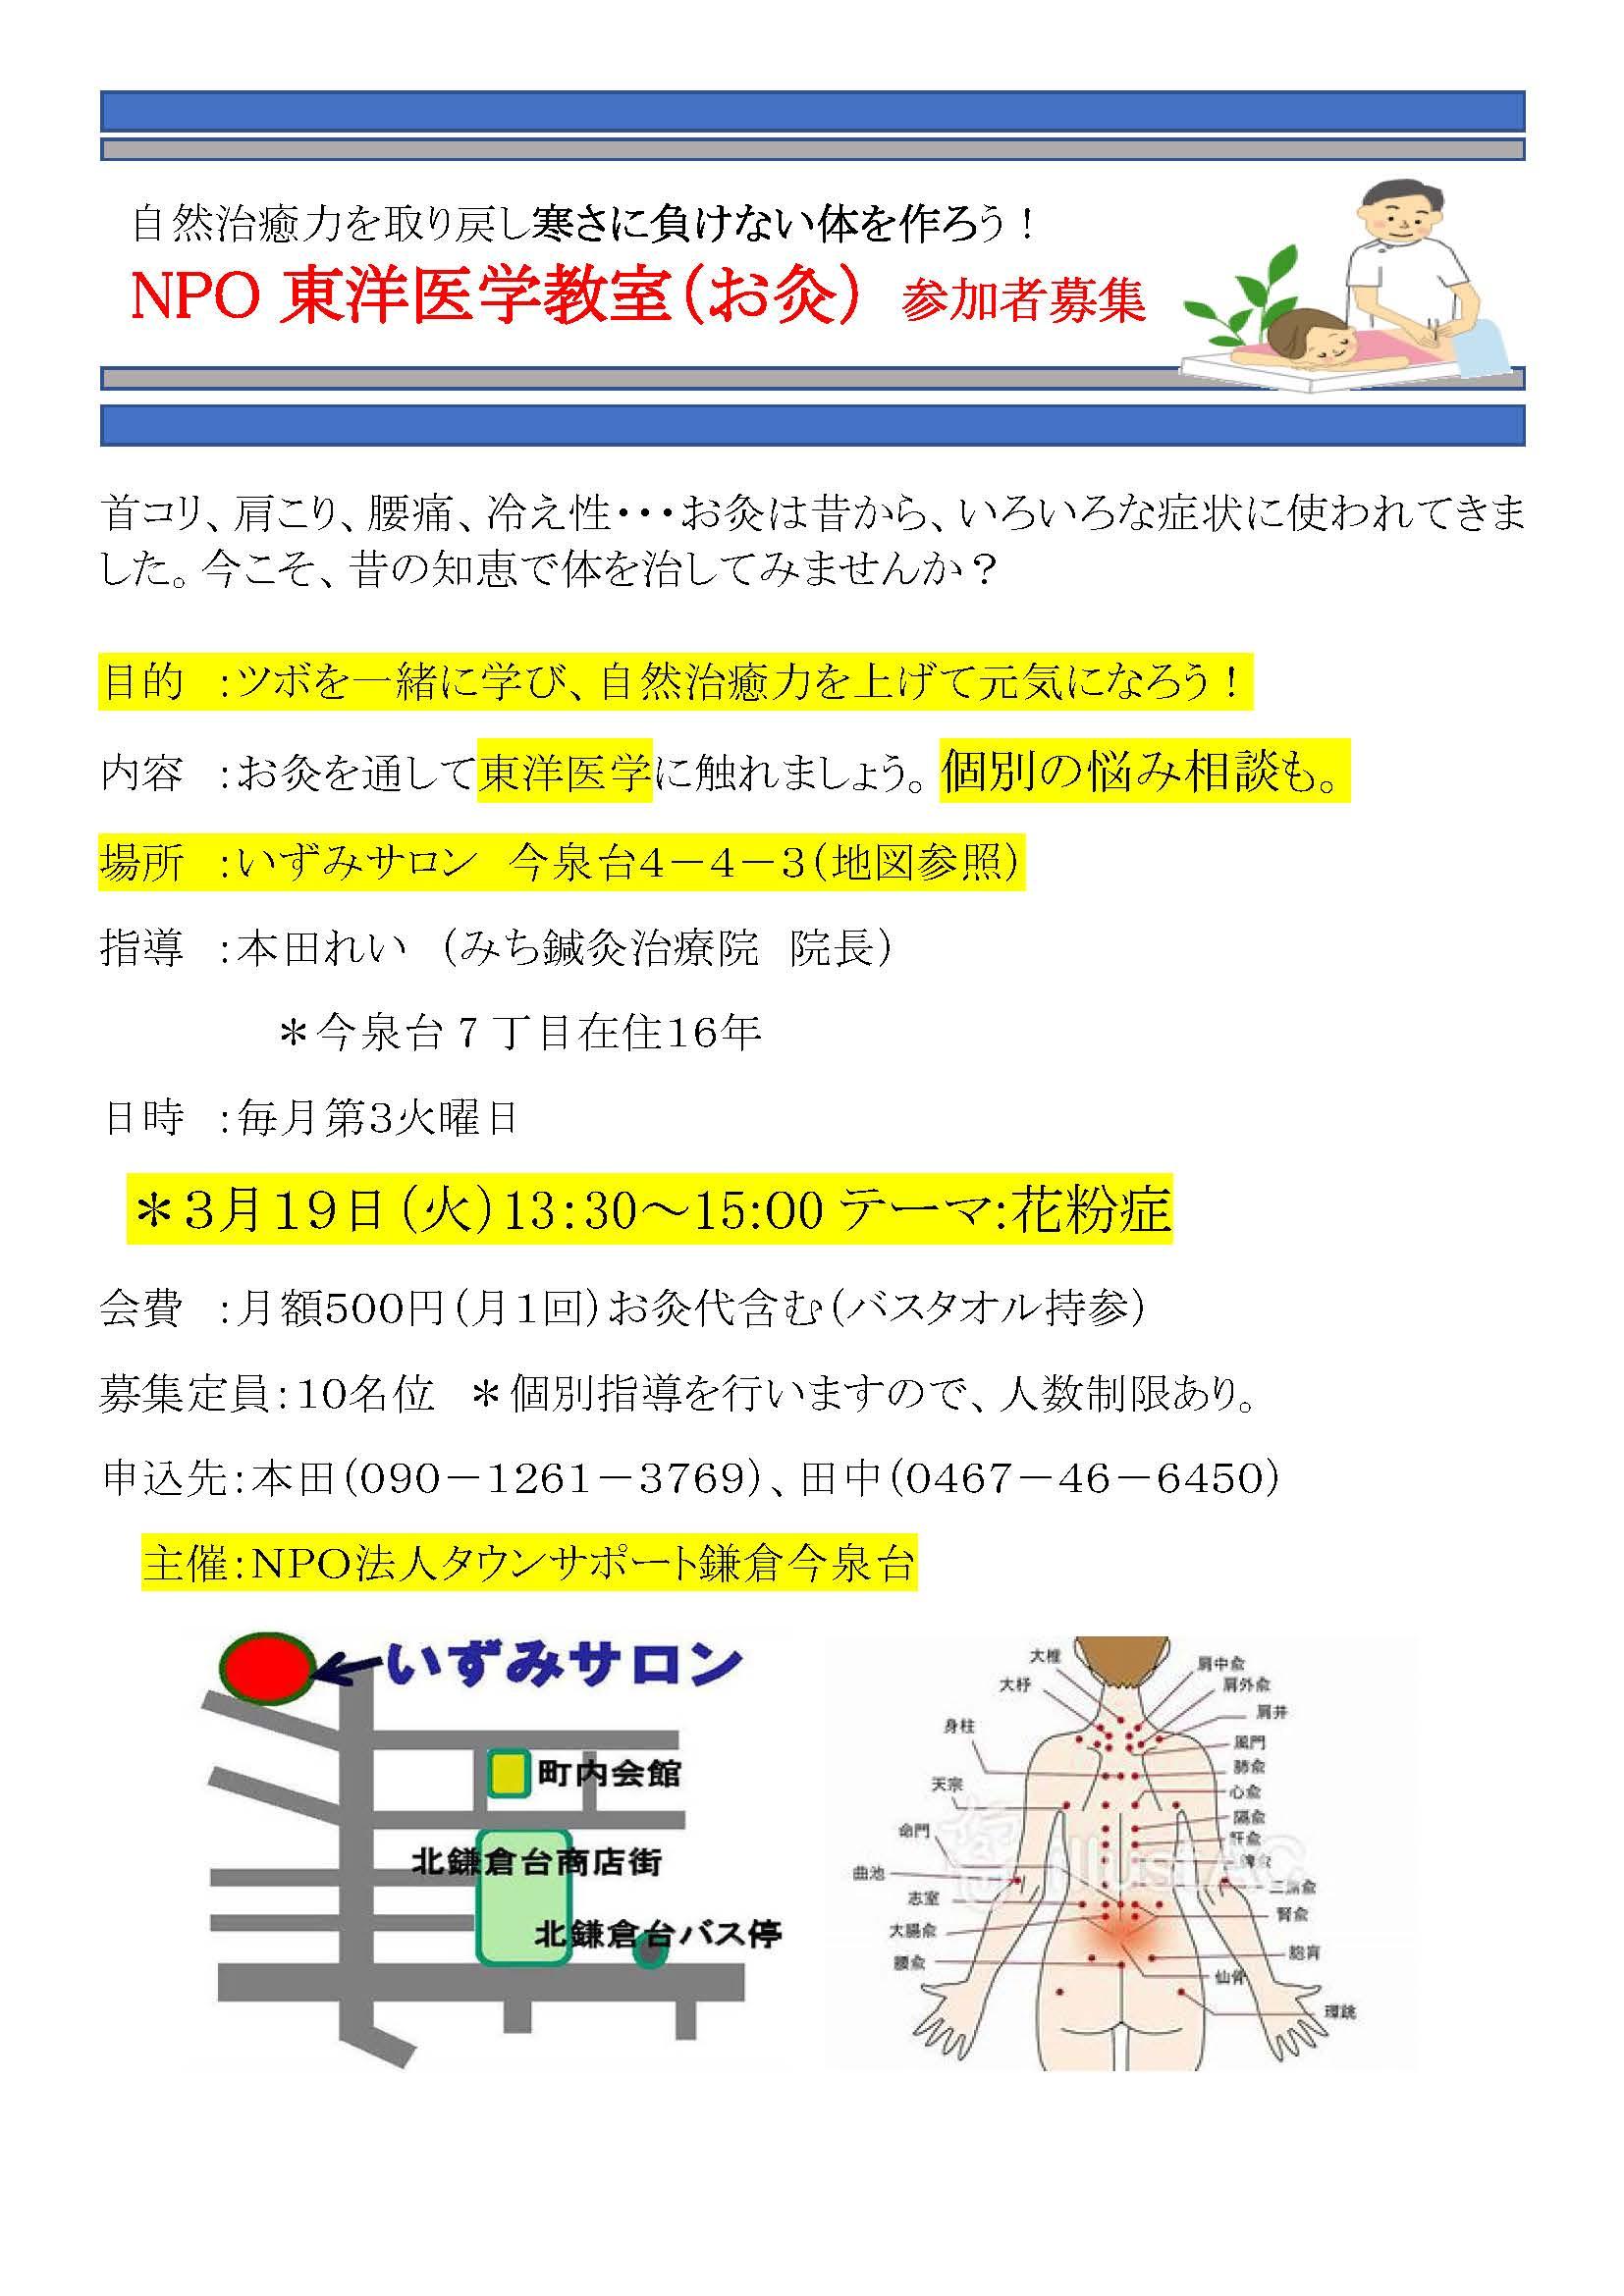 NPO法人TSKI東洋医学教室(鍼灸教室)2.19